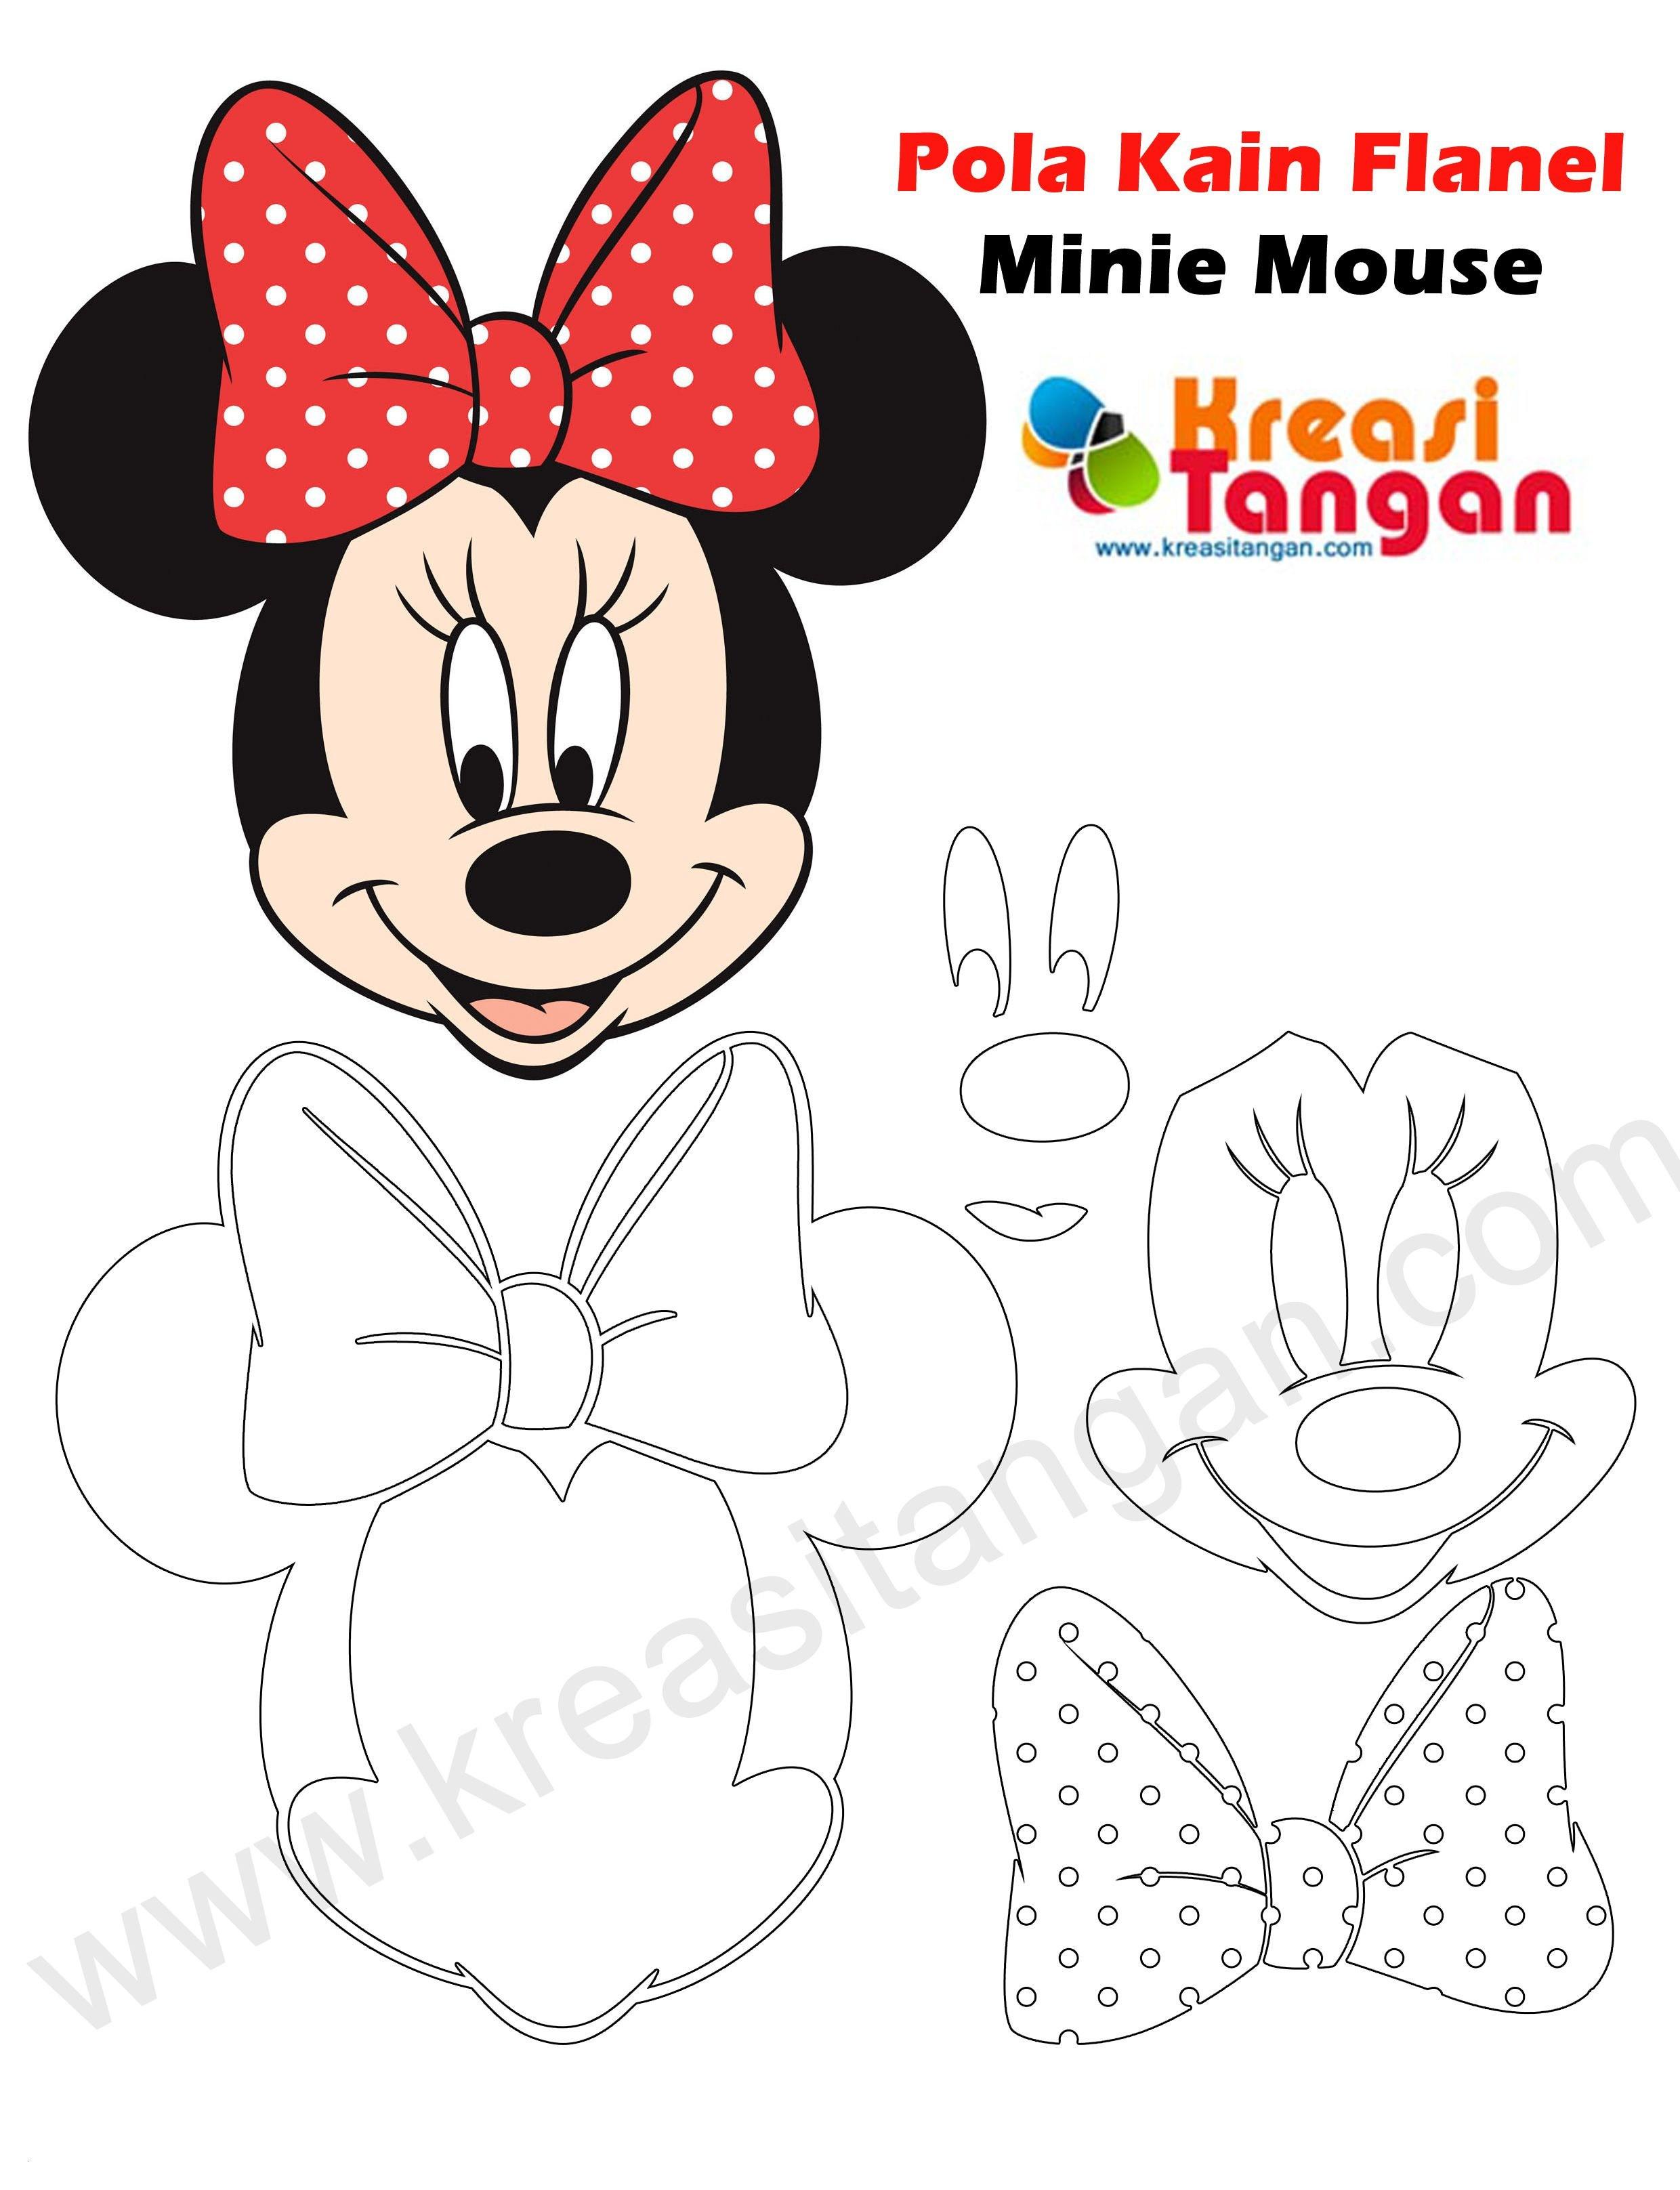 Ausmalbilder Minnie Maus Neu 40 Ausmalbilder Herbst Igel Scoredatscore Frisch Ausmalbilder Mini Sammlung